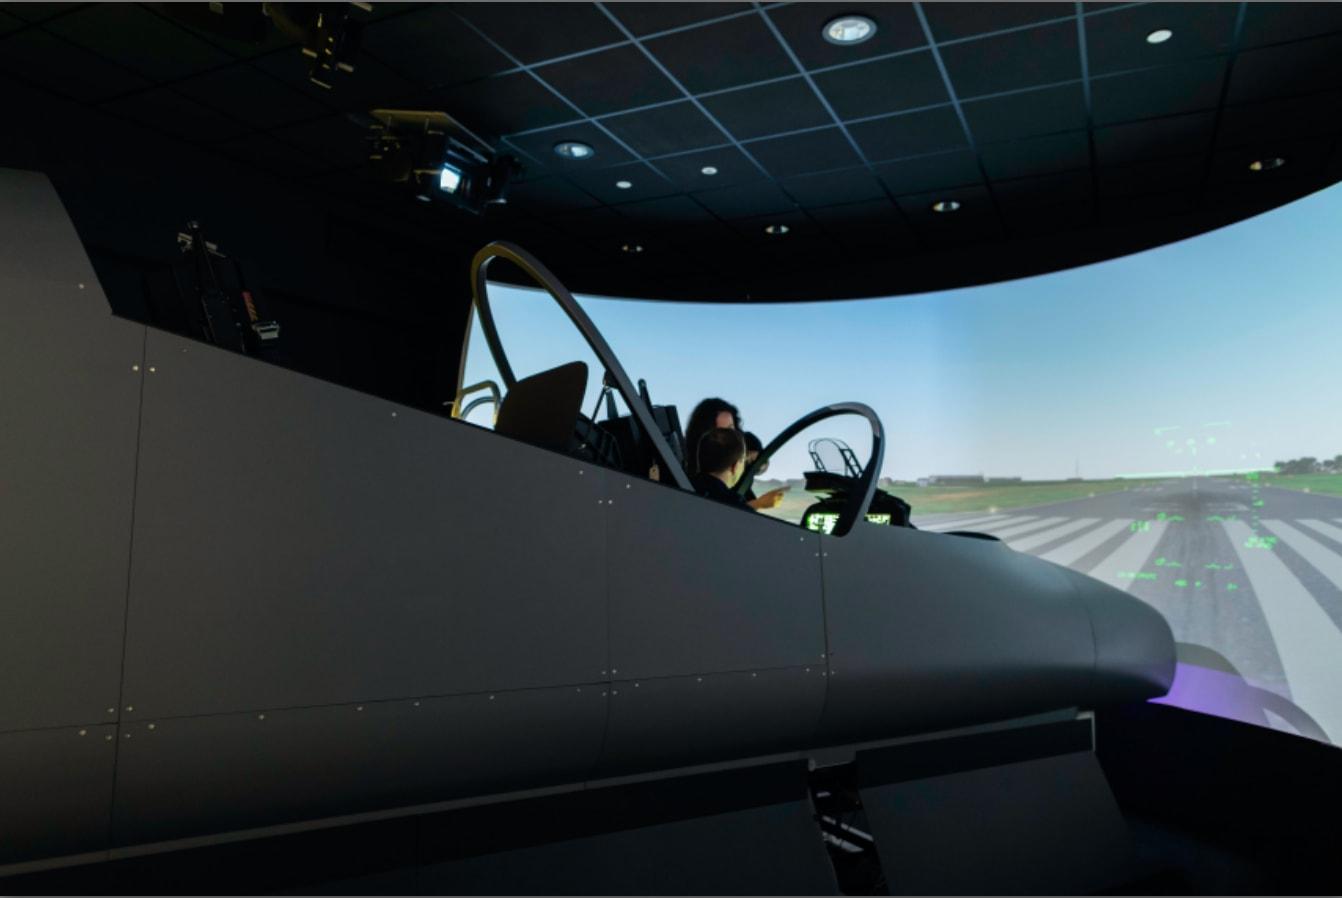 Simulador de Day Trade é como um simulador de voo